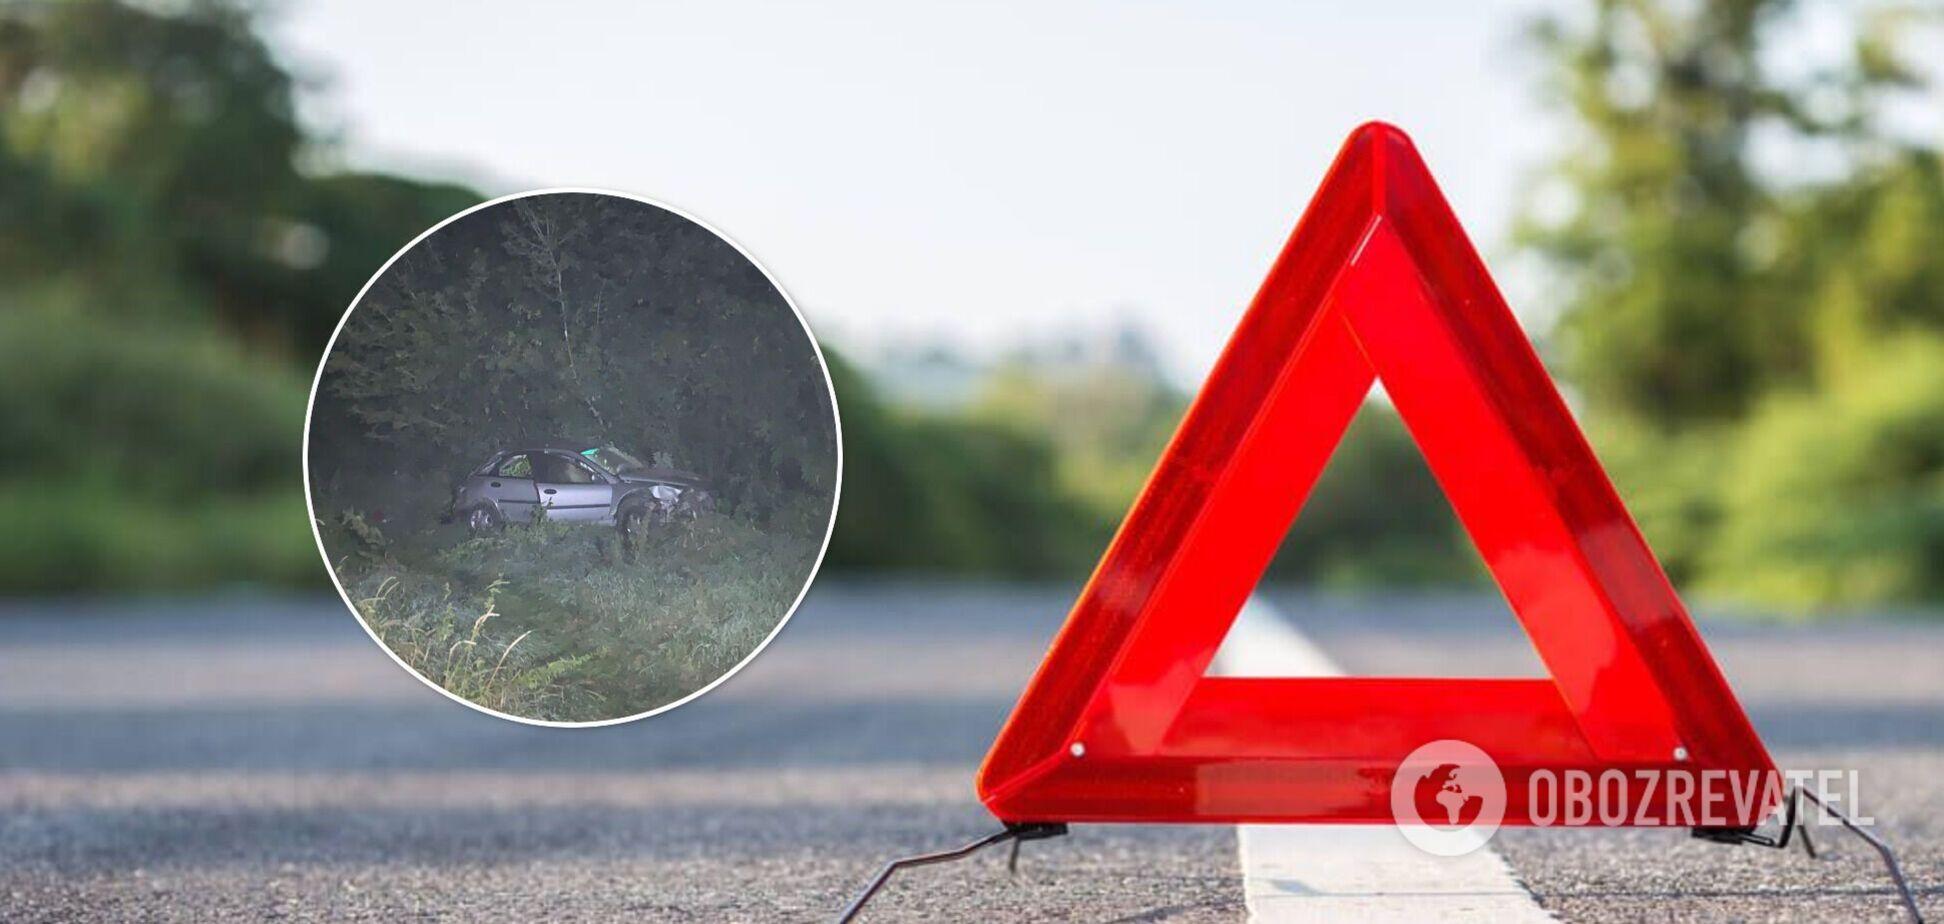 На Львовщине в ДТП погибла 17-летняя девушка. Фото и детали трагедии